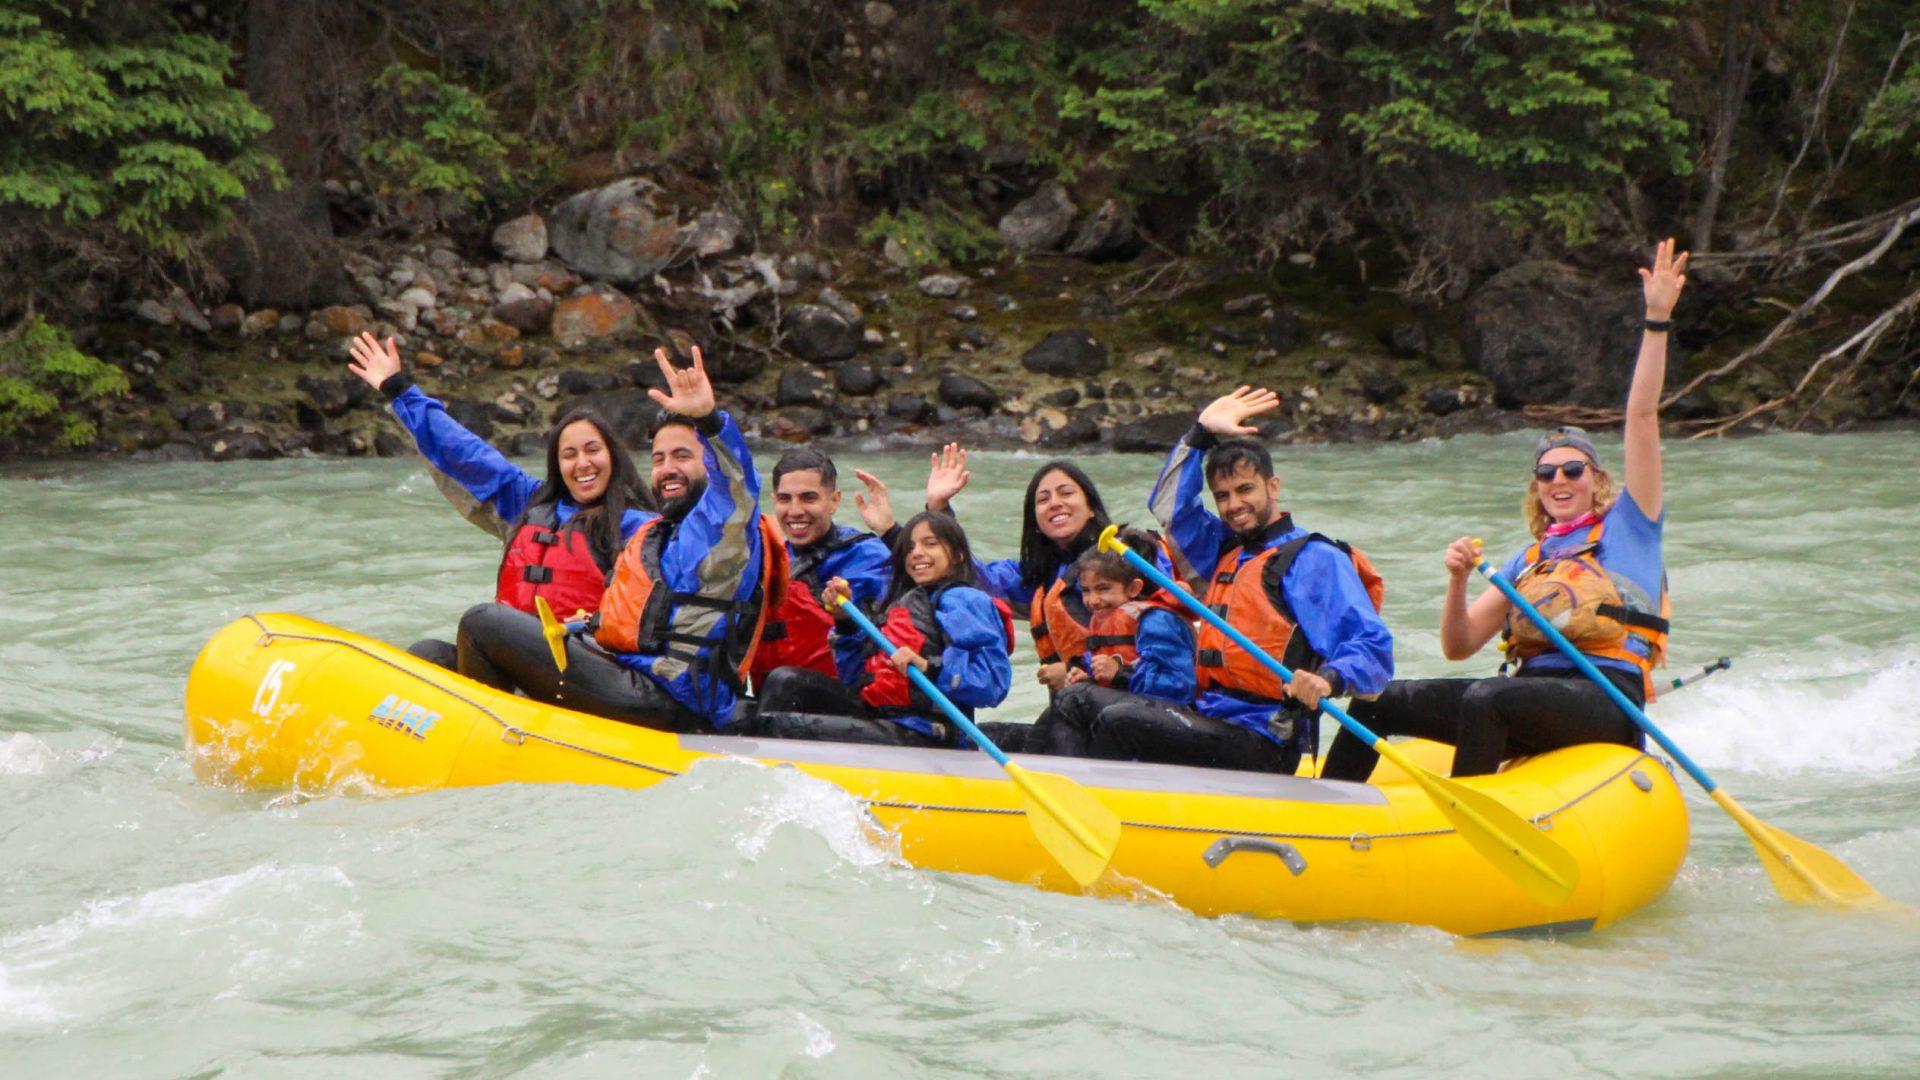 Jasper's Whitewater Rafting